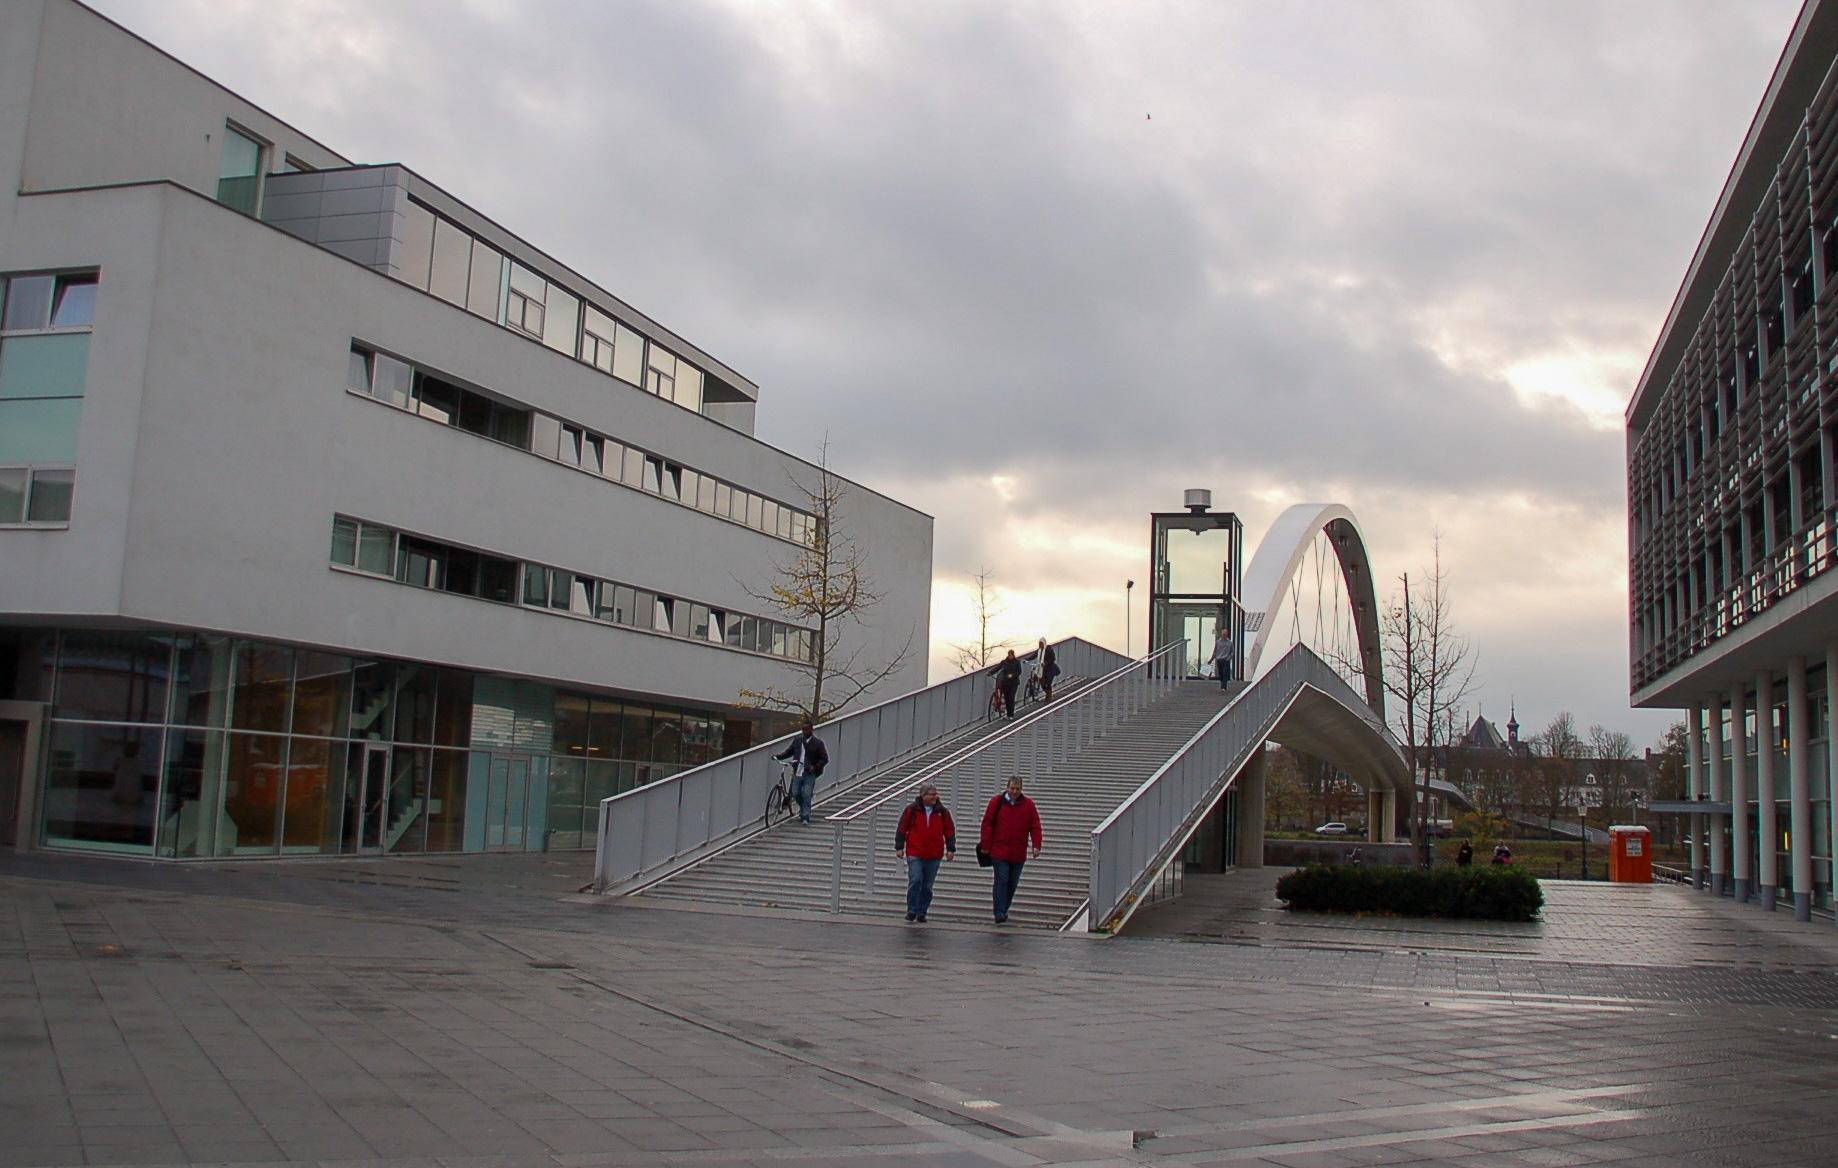 Das Viertel Ceramique in Maastricht mit Theater und Fußgängerbrücke